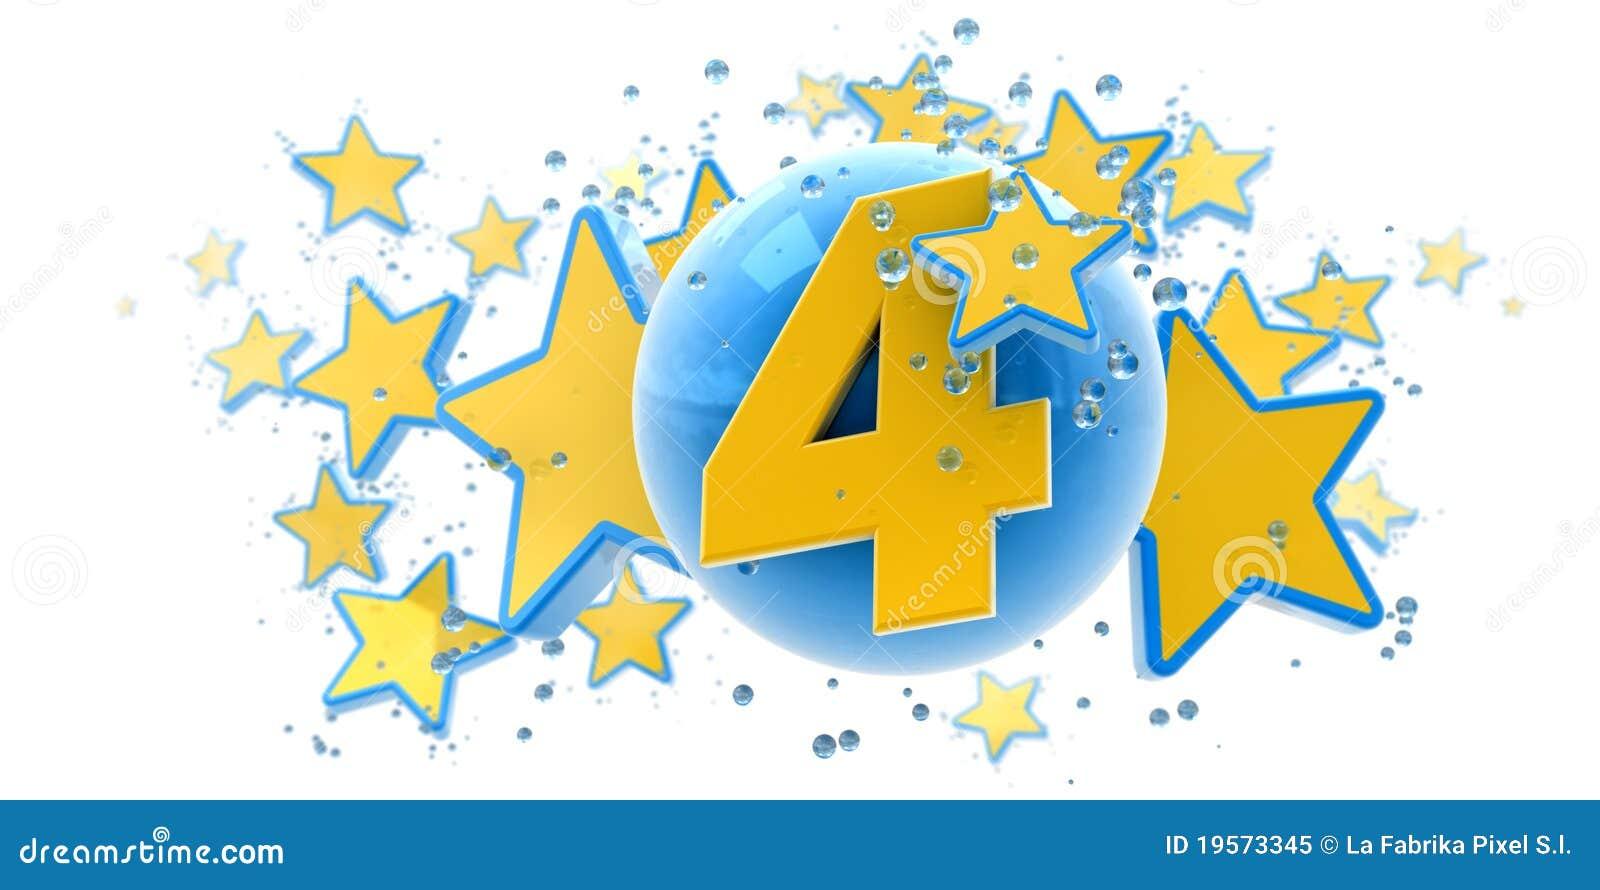 Cuarto aniversario azul y amarillo foto de archivo libre for Cuarto aniversario